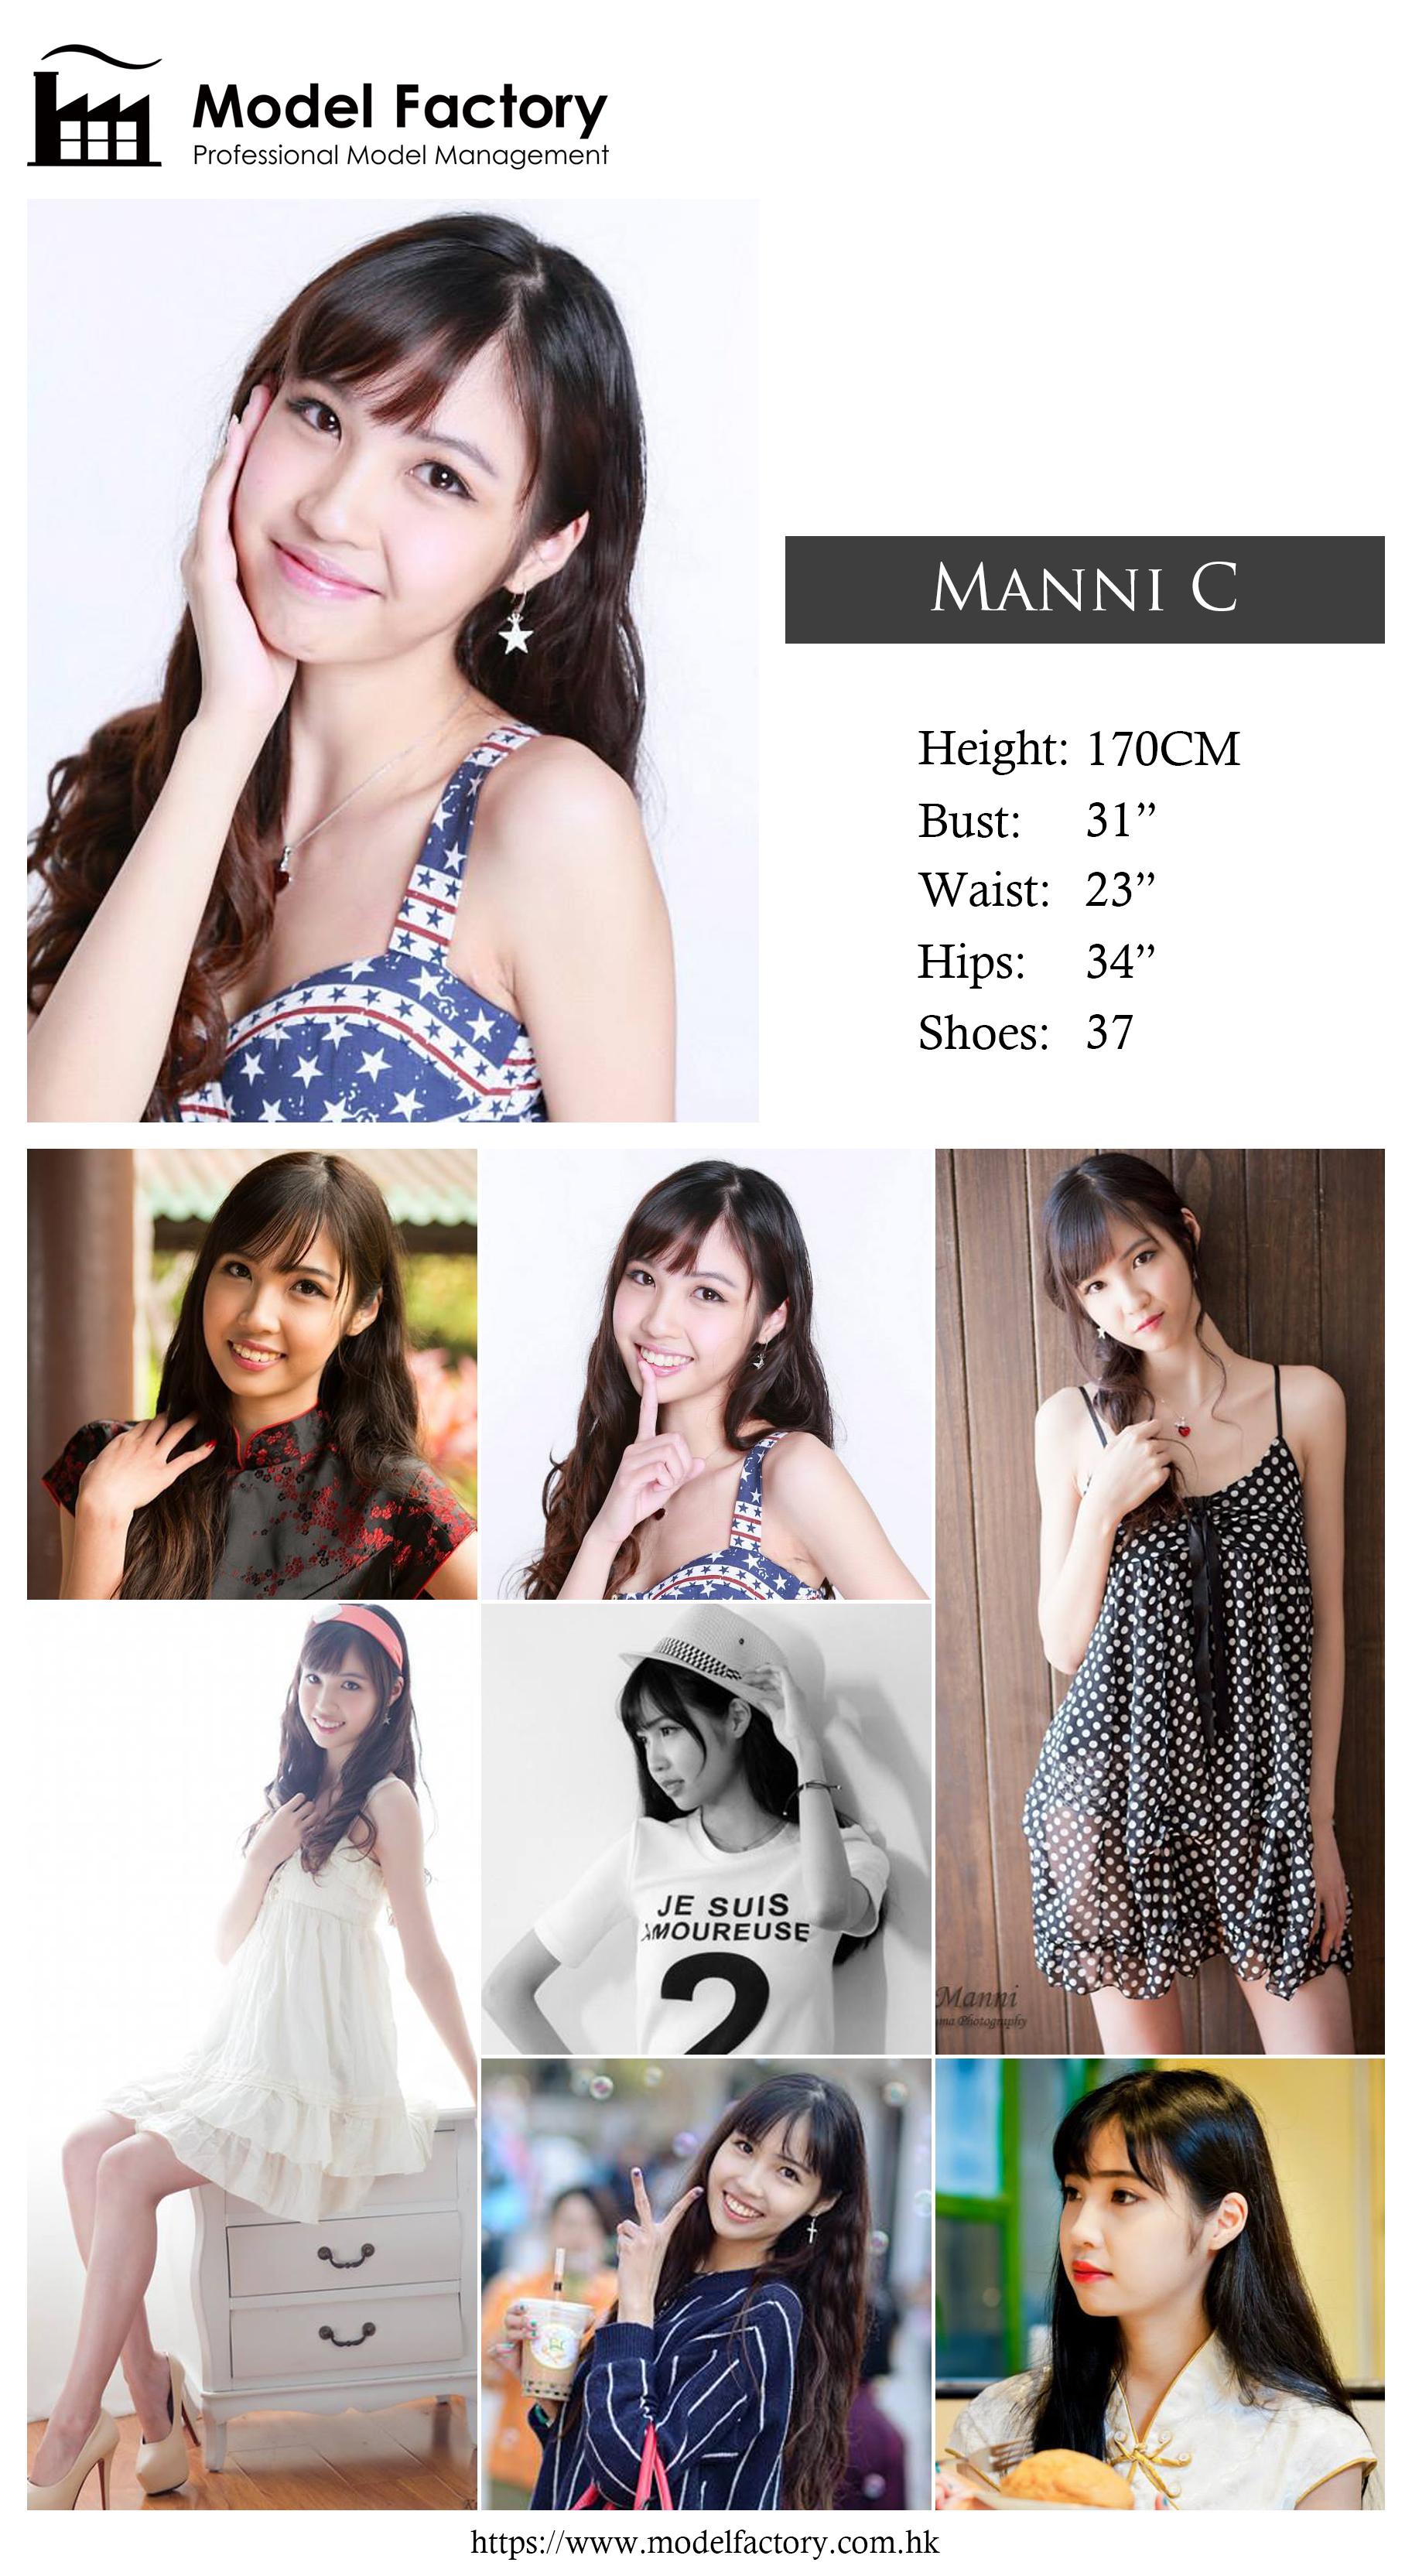 Model Factory Hong Kong Female Model ManniC